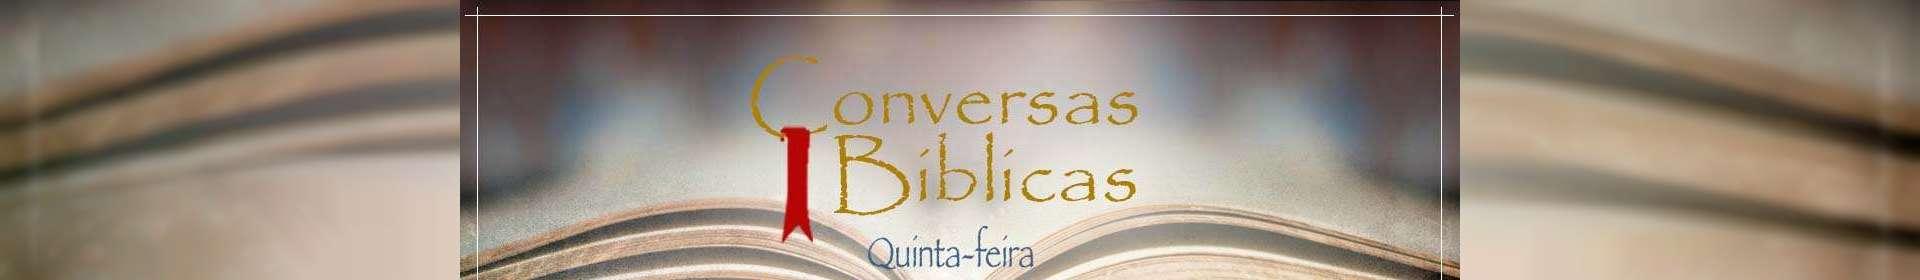 Conversas Bíblicas: Dízimo - Parte 3